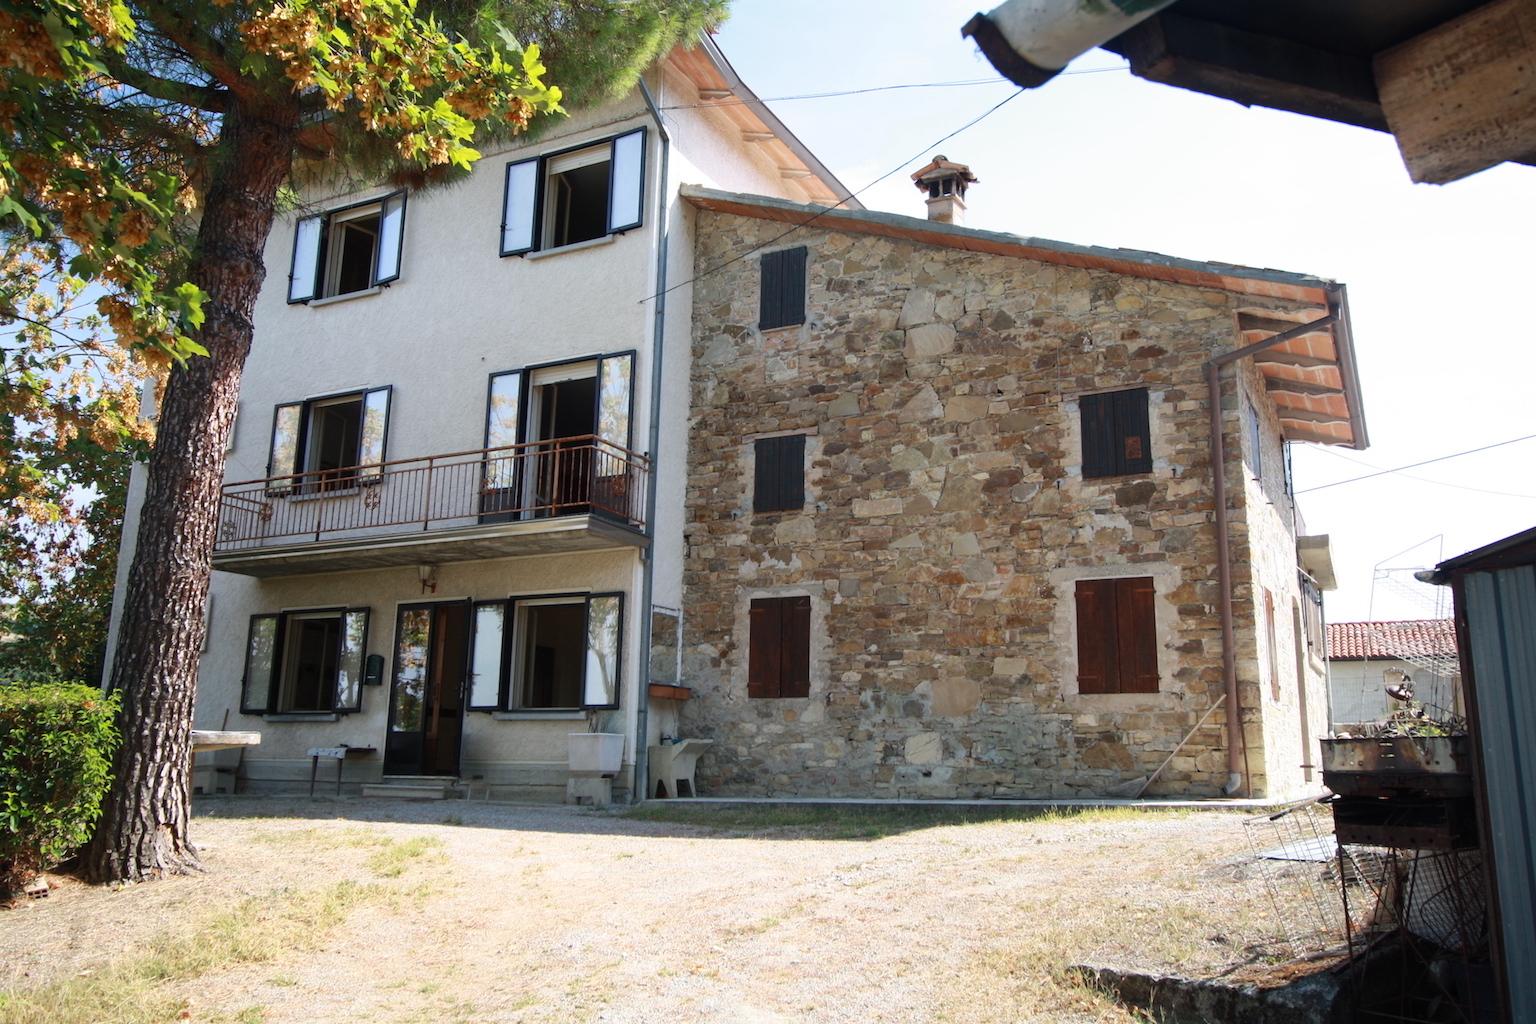 Soluzione Indipendente in vendita a Canossa, 8 locali, prezzo € 90.000 | CambioCasa.it